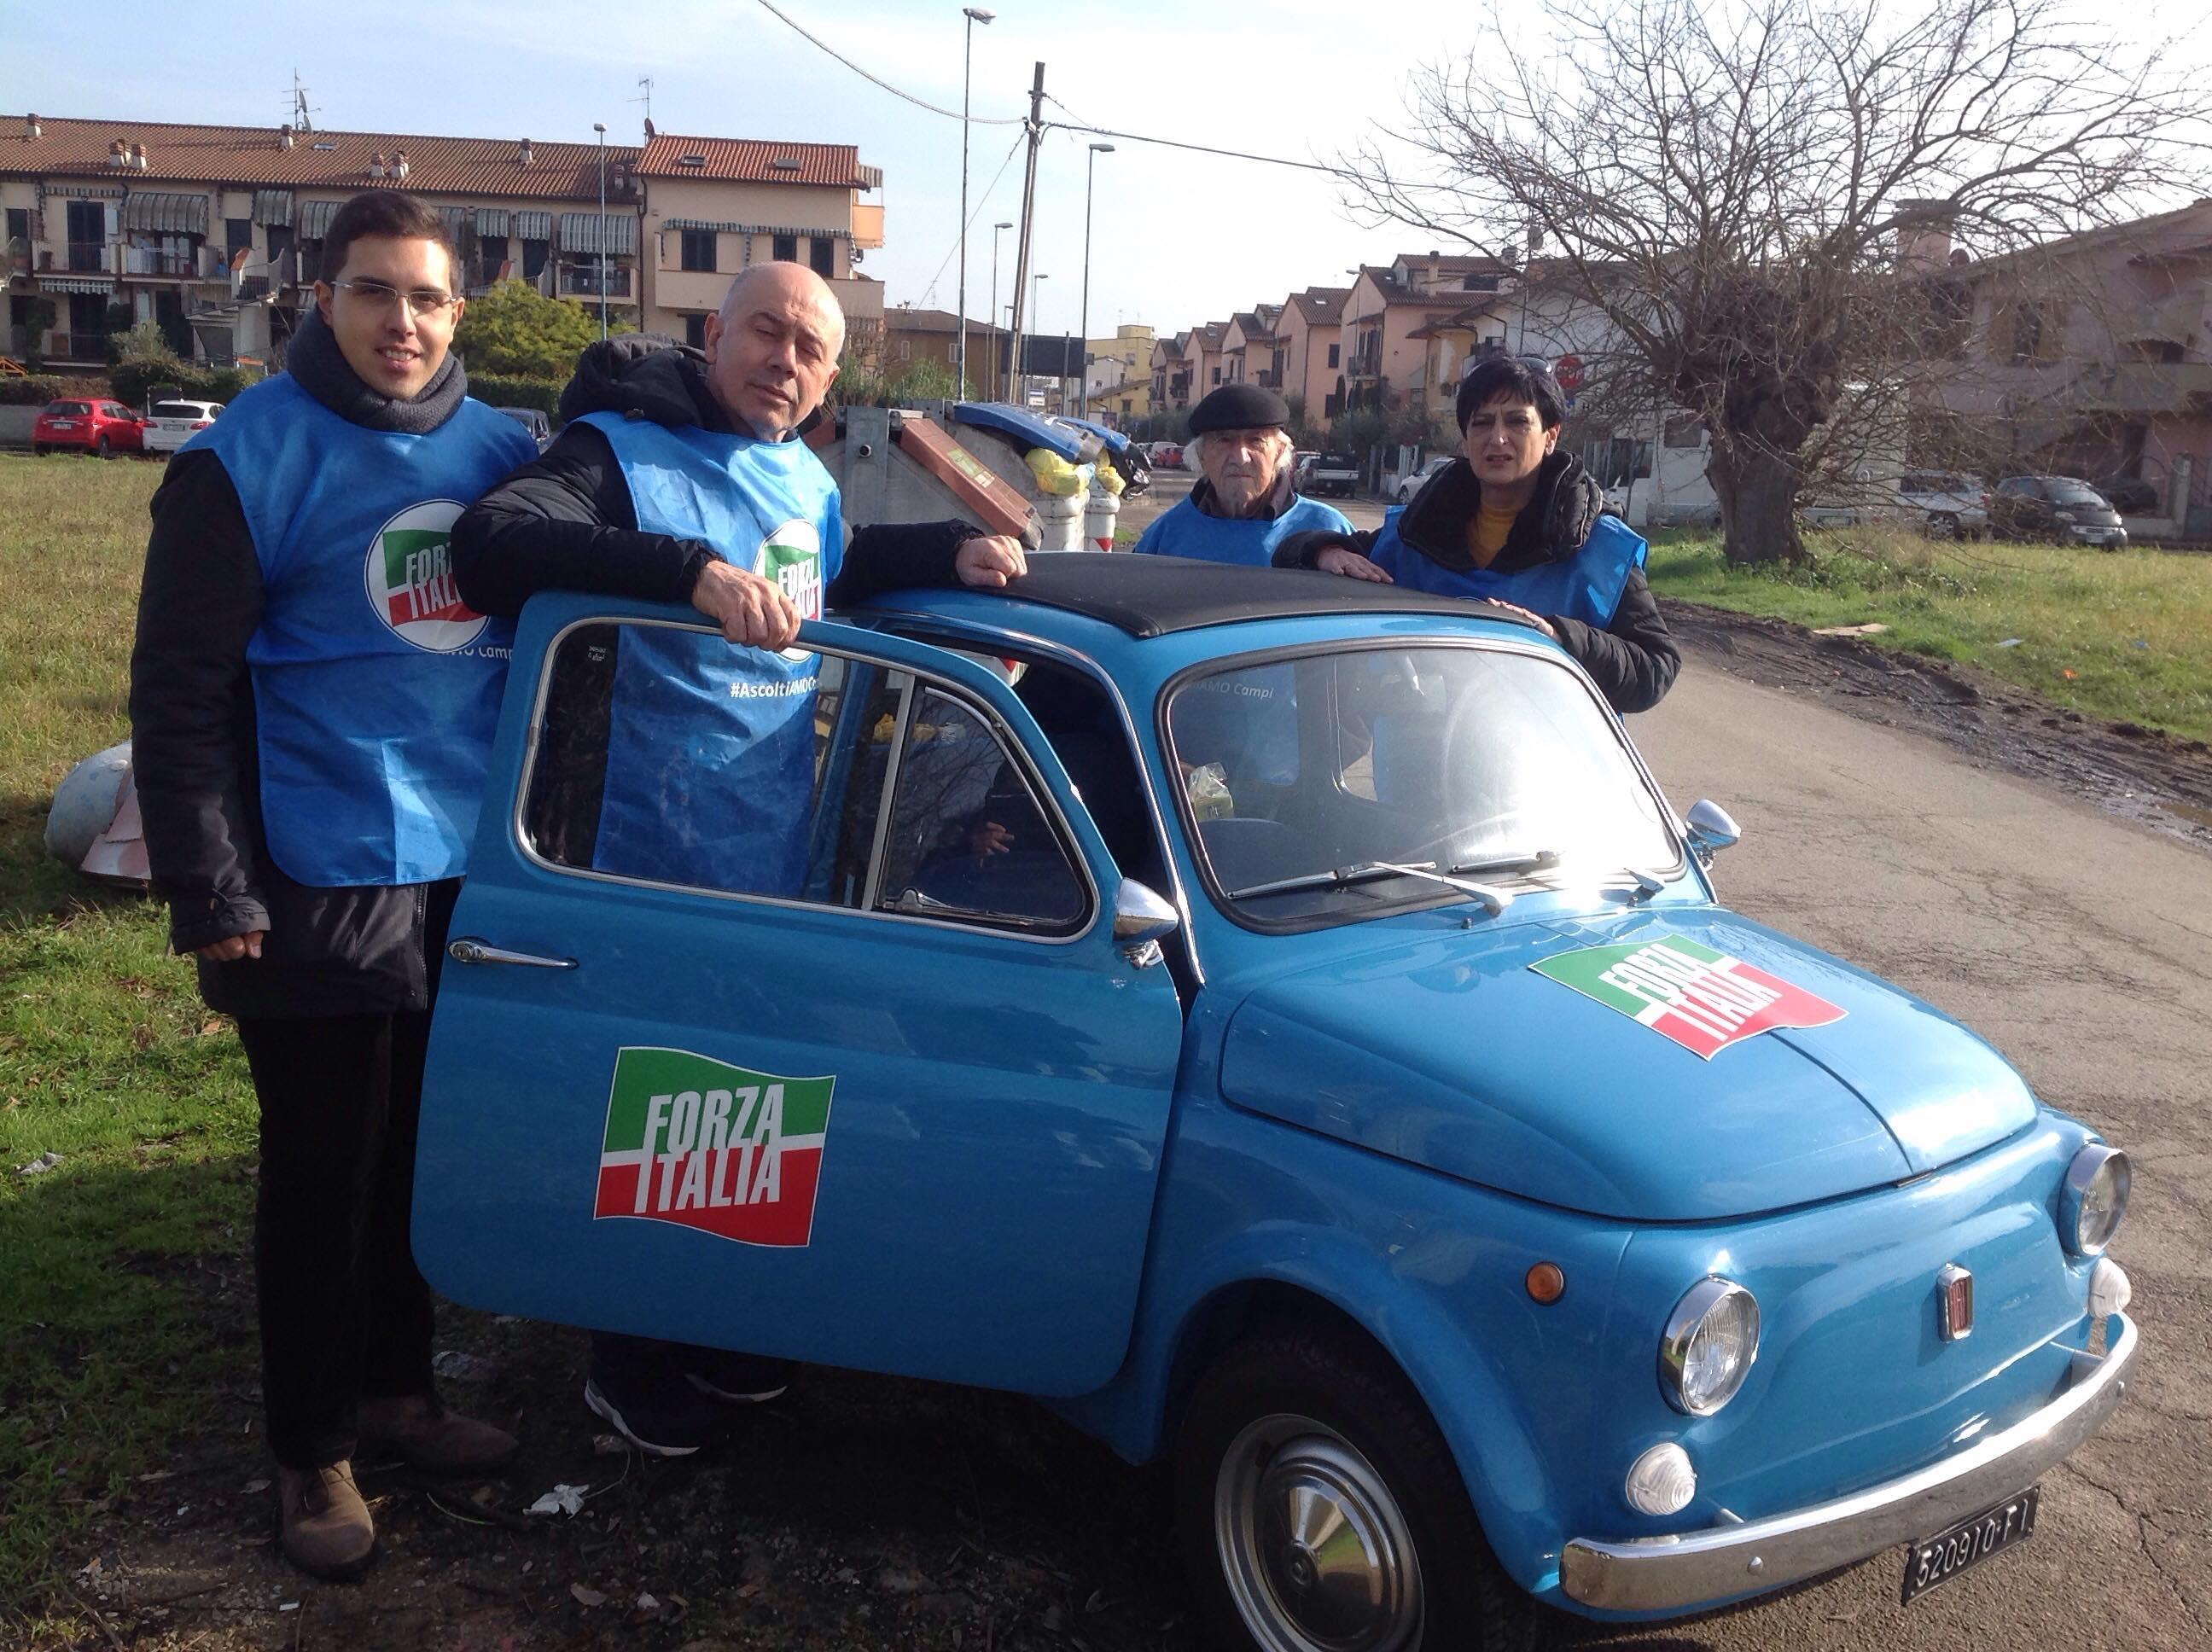 La 500 azzurra di forza italia arriva a san martino for Deputati di forza italia